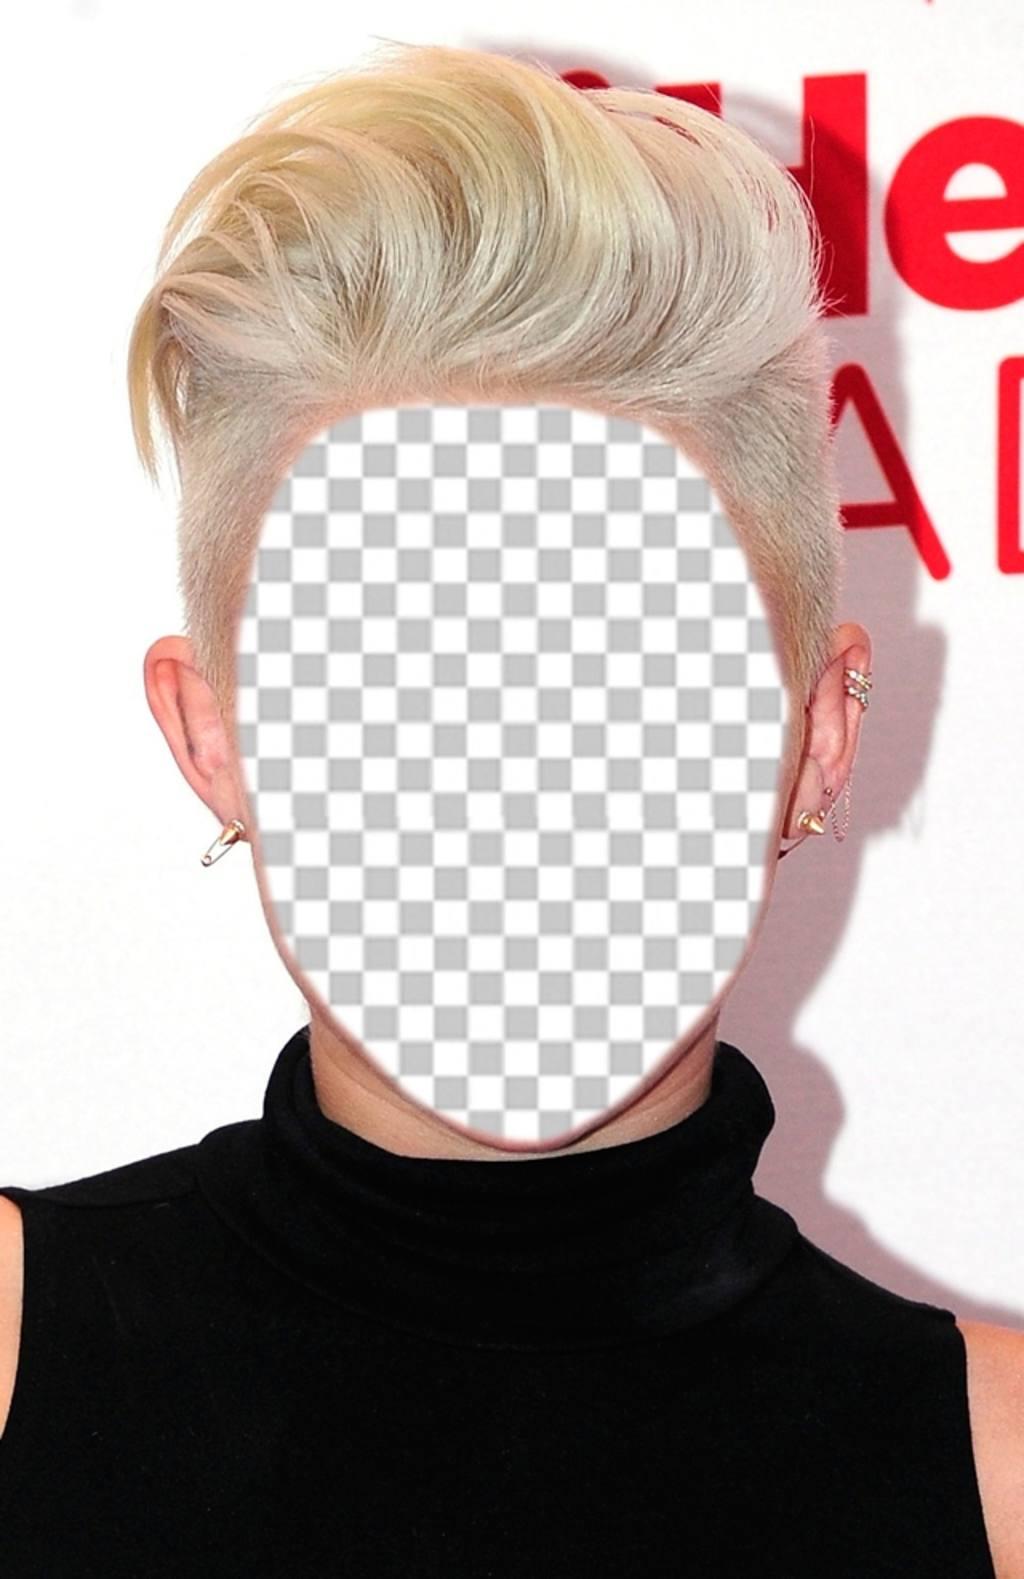 Fotomontage die Frisur von Miley Cyrus zu haben und kostenlos